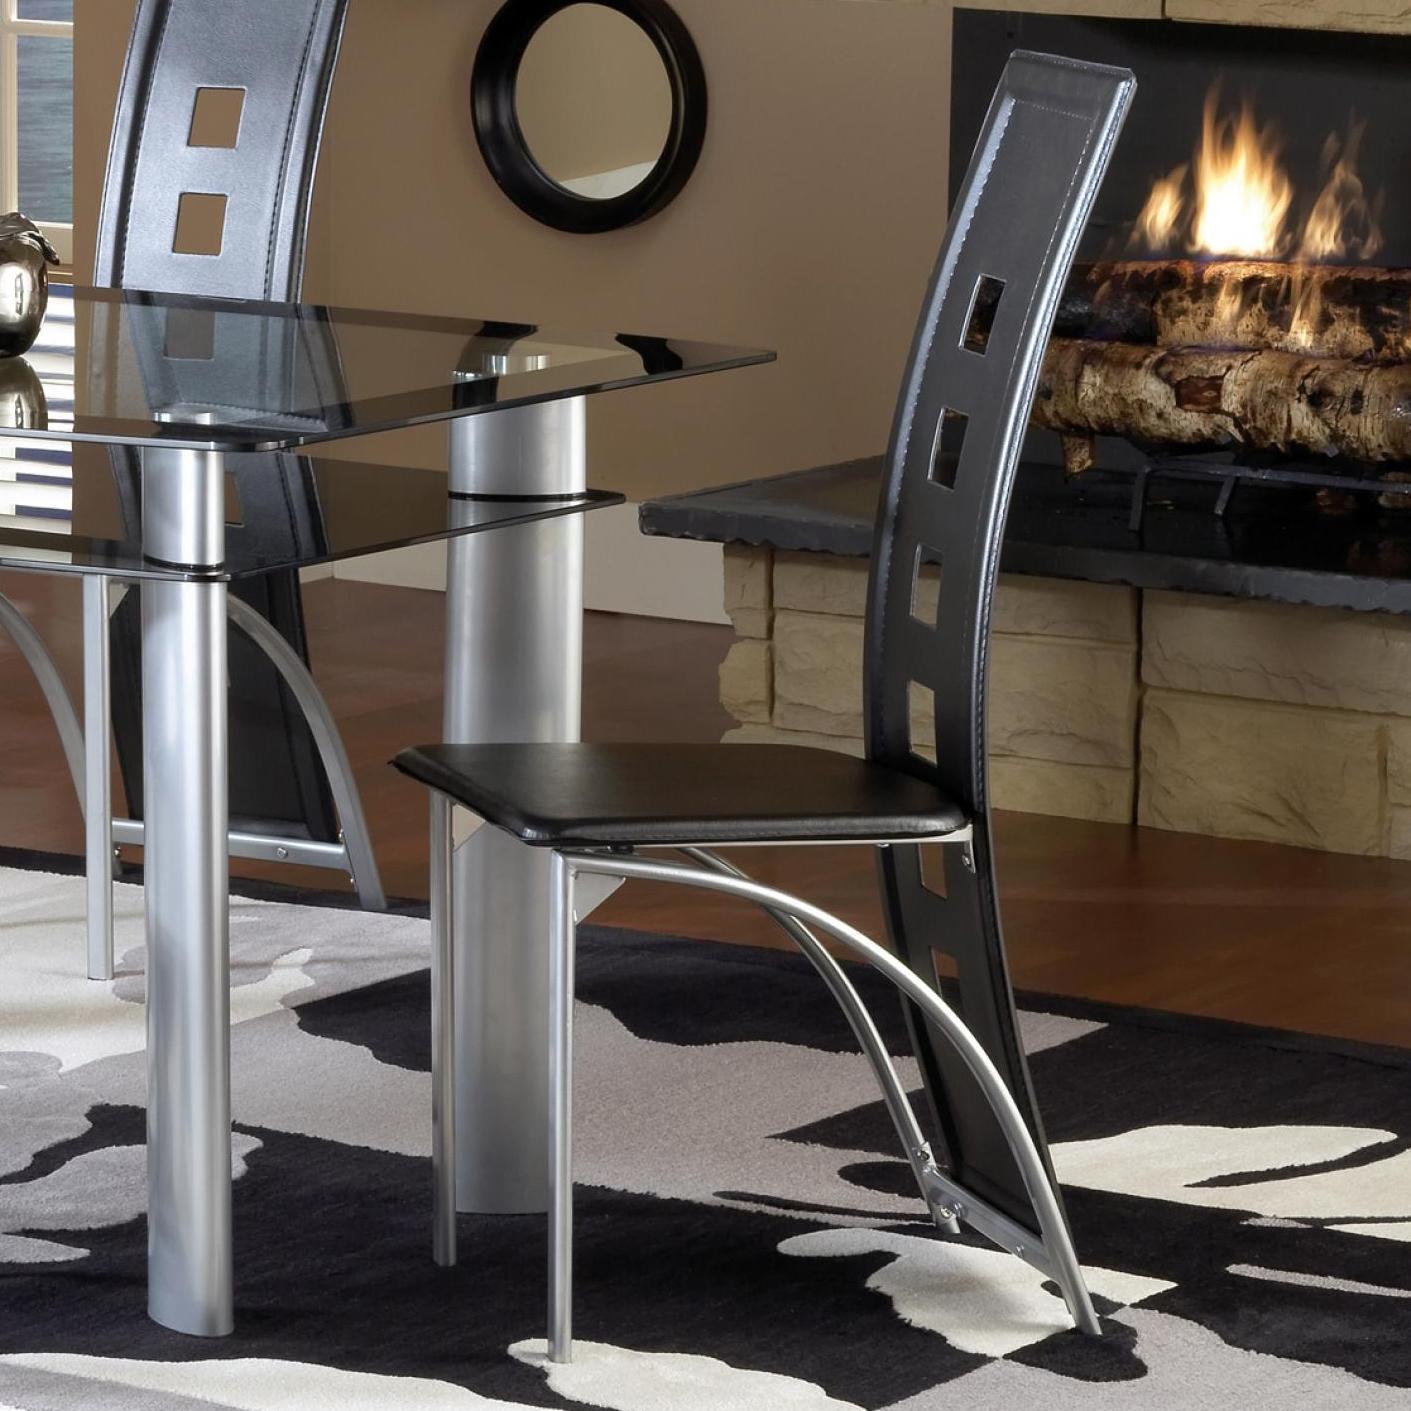 Bernards Astro Dinette Chair - Black - Item Number: 4101